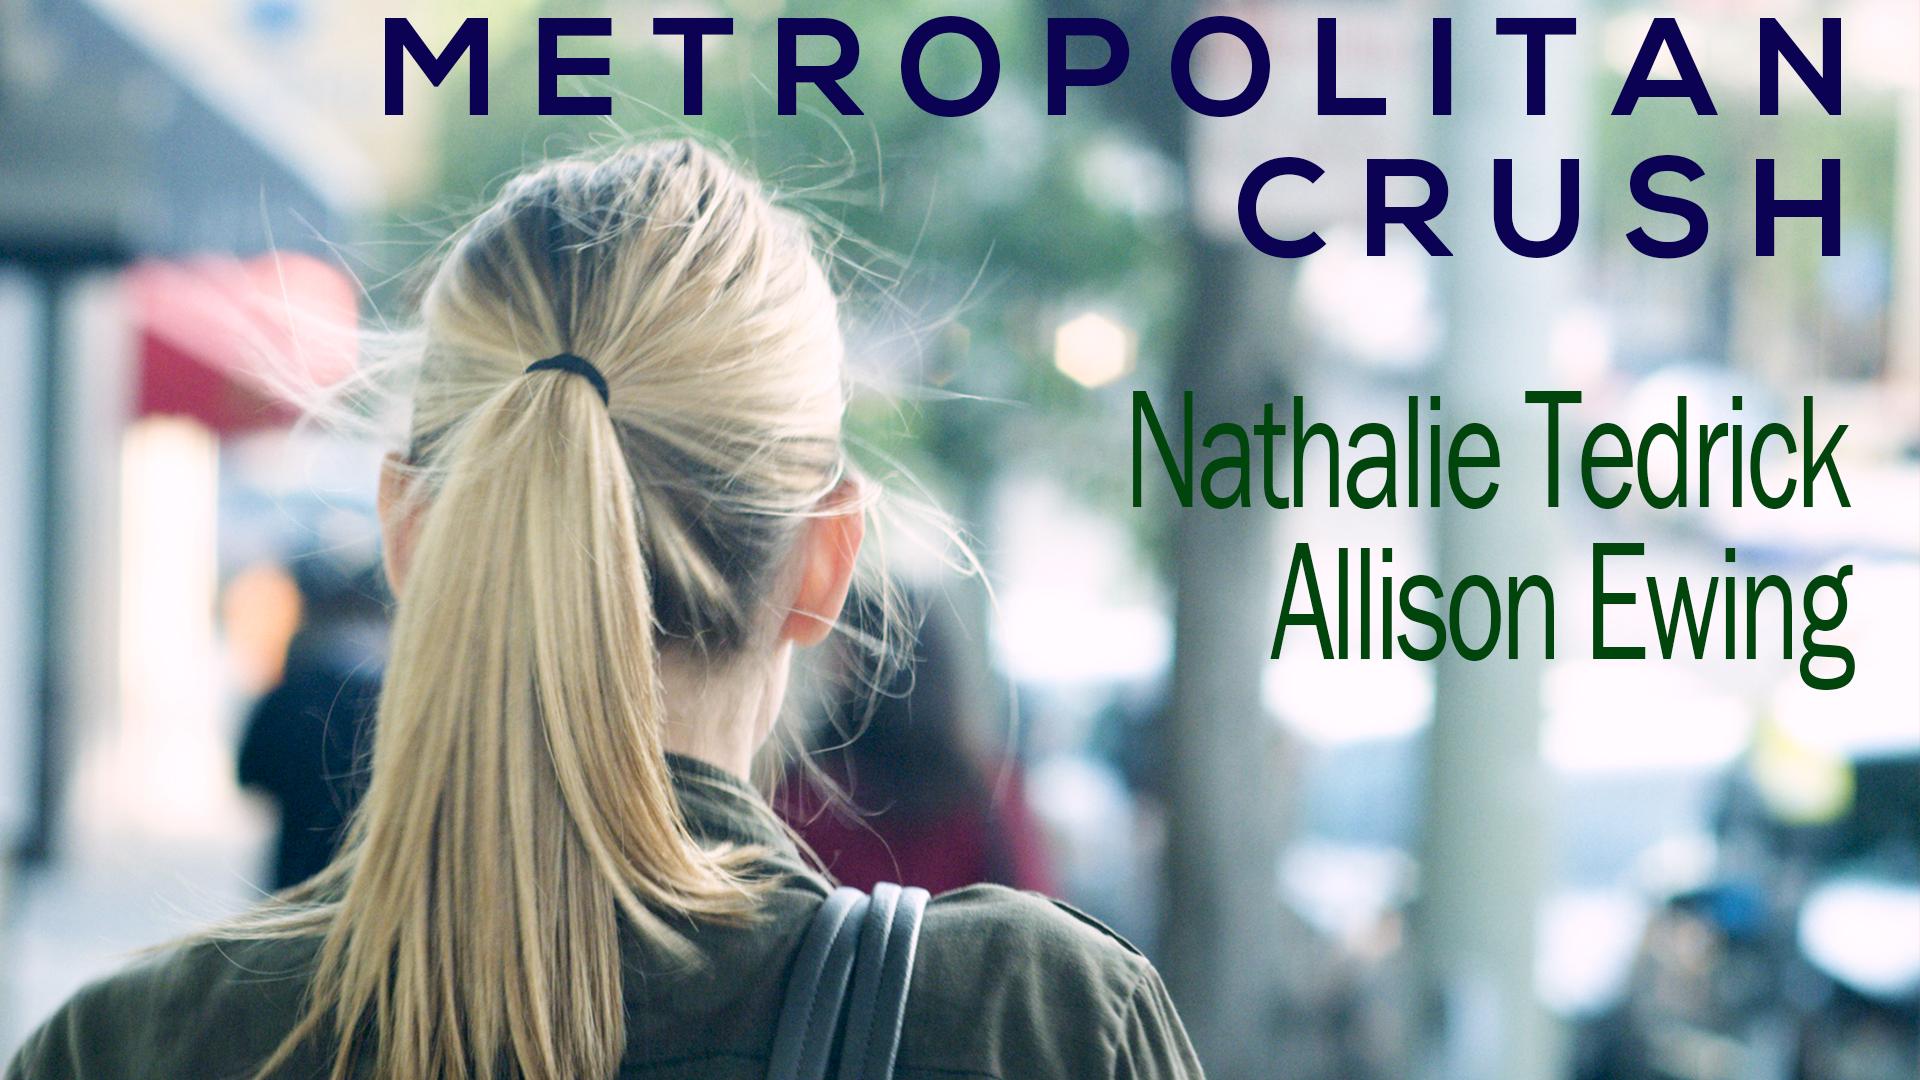 Metropolitan Crush (Short Film)